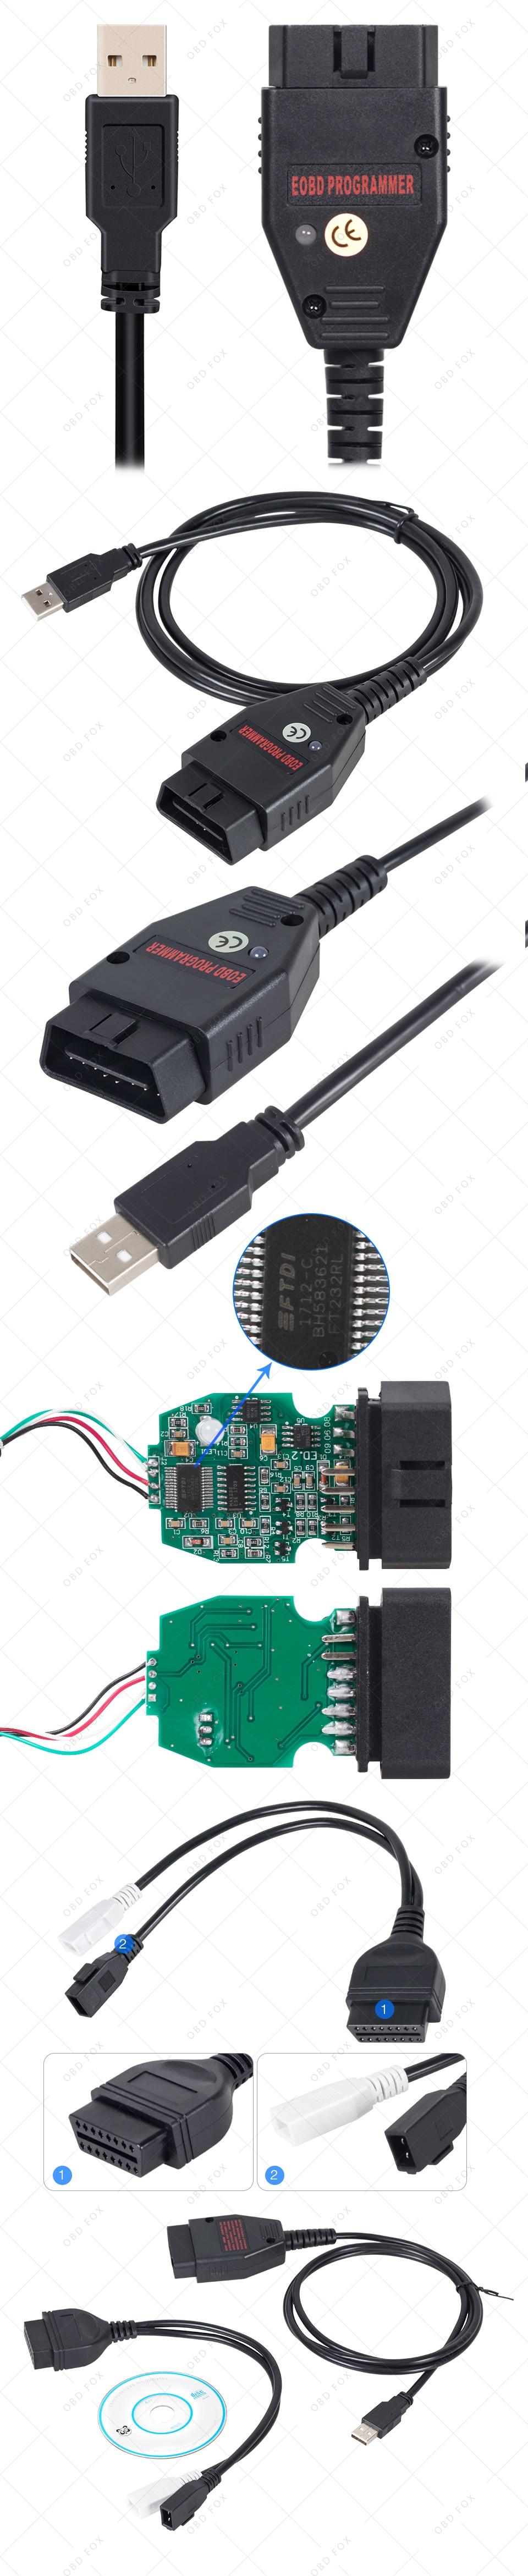 Galletto 1260 ECU Chip Tuning Tool EOBD/OBD2/OBDII Flasher Galleto 1260 ECU  Flasher with FTDI FT232RL engine tuning